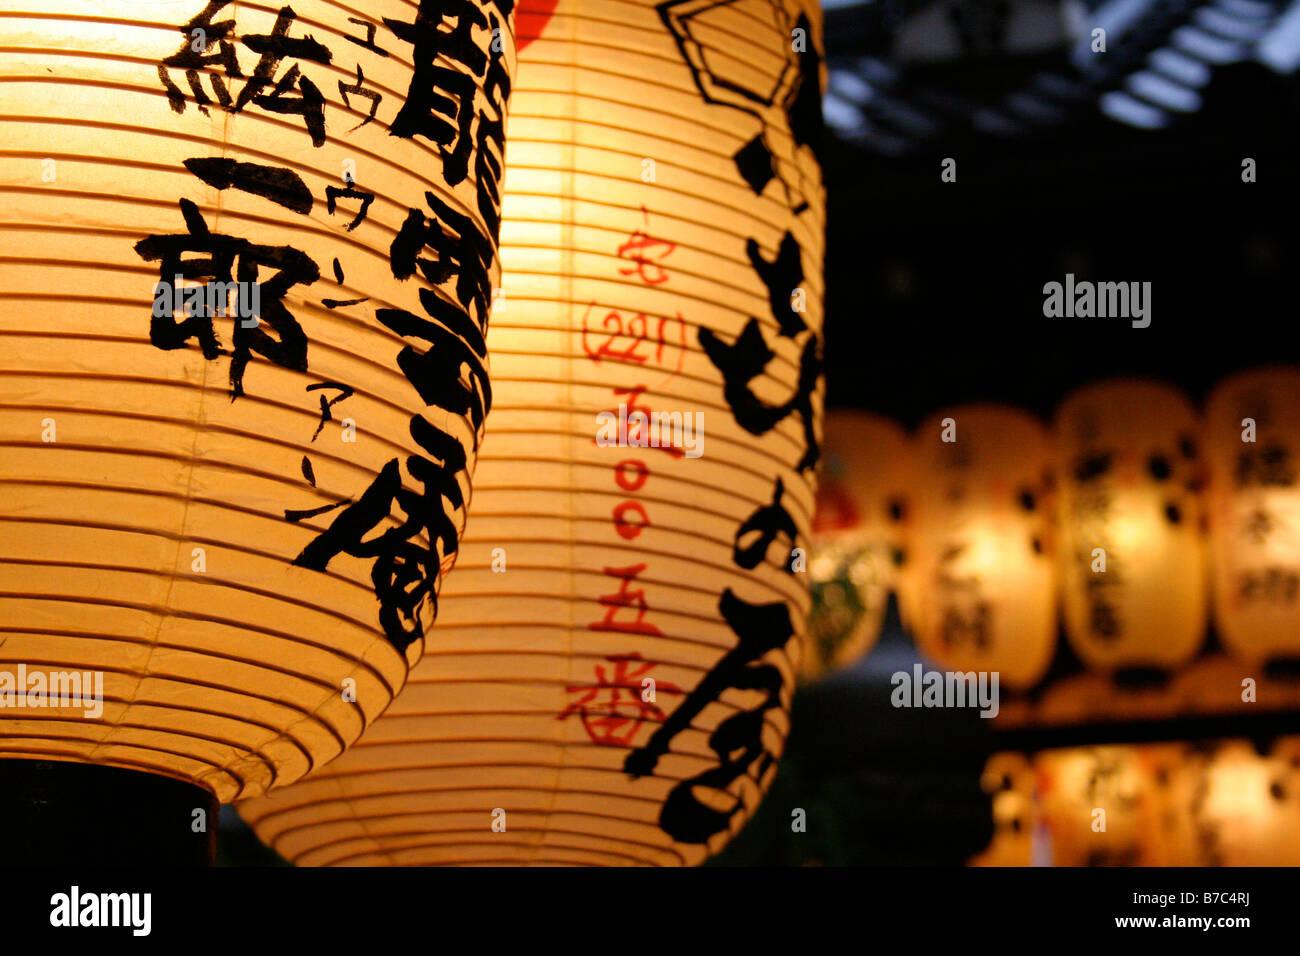 Japanese lanterns at night. - Stock Image